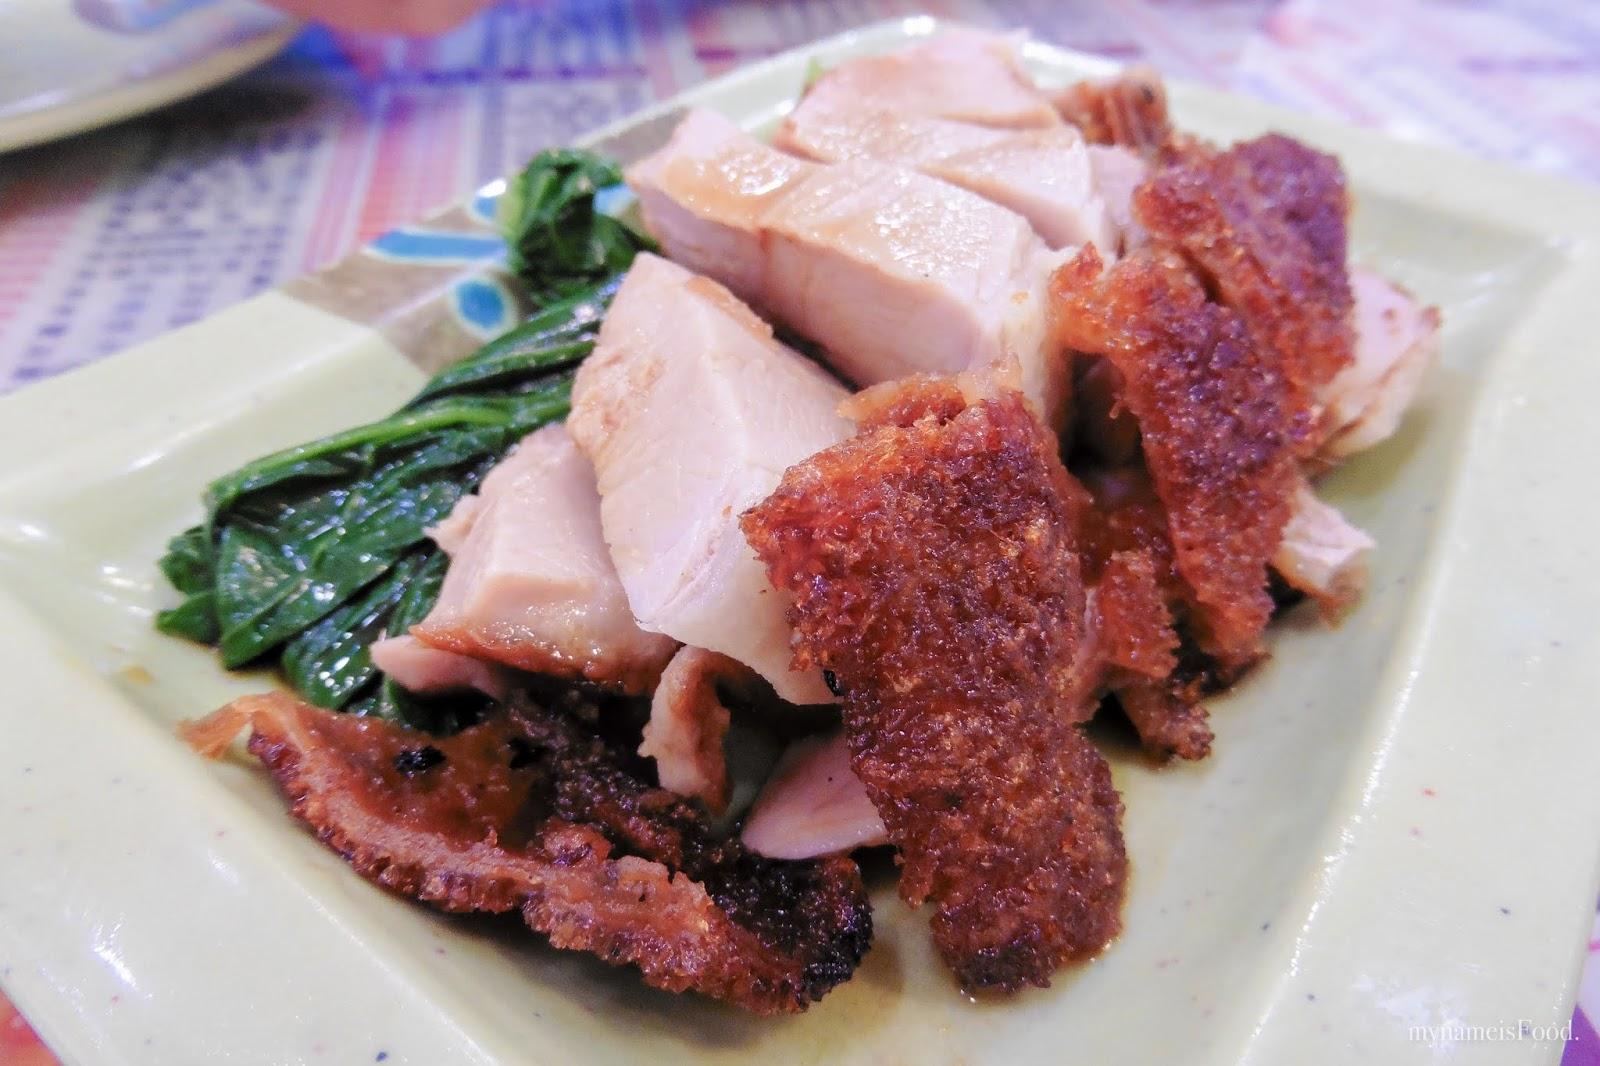 Guangdong Barbecue Restaurant Tsim Sha Tsui Hong Kong